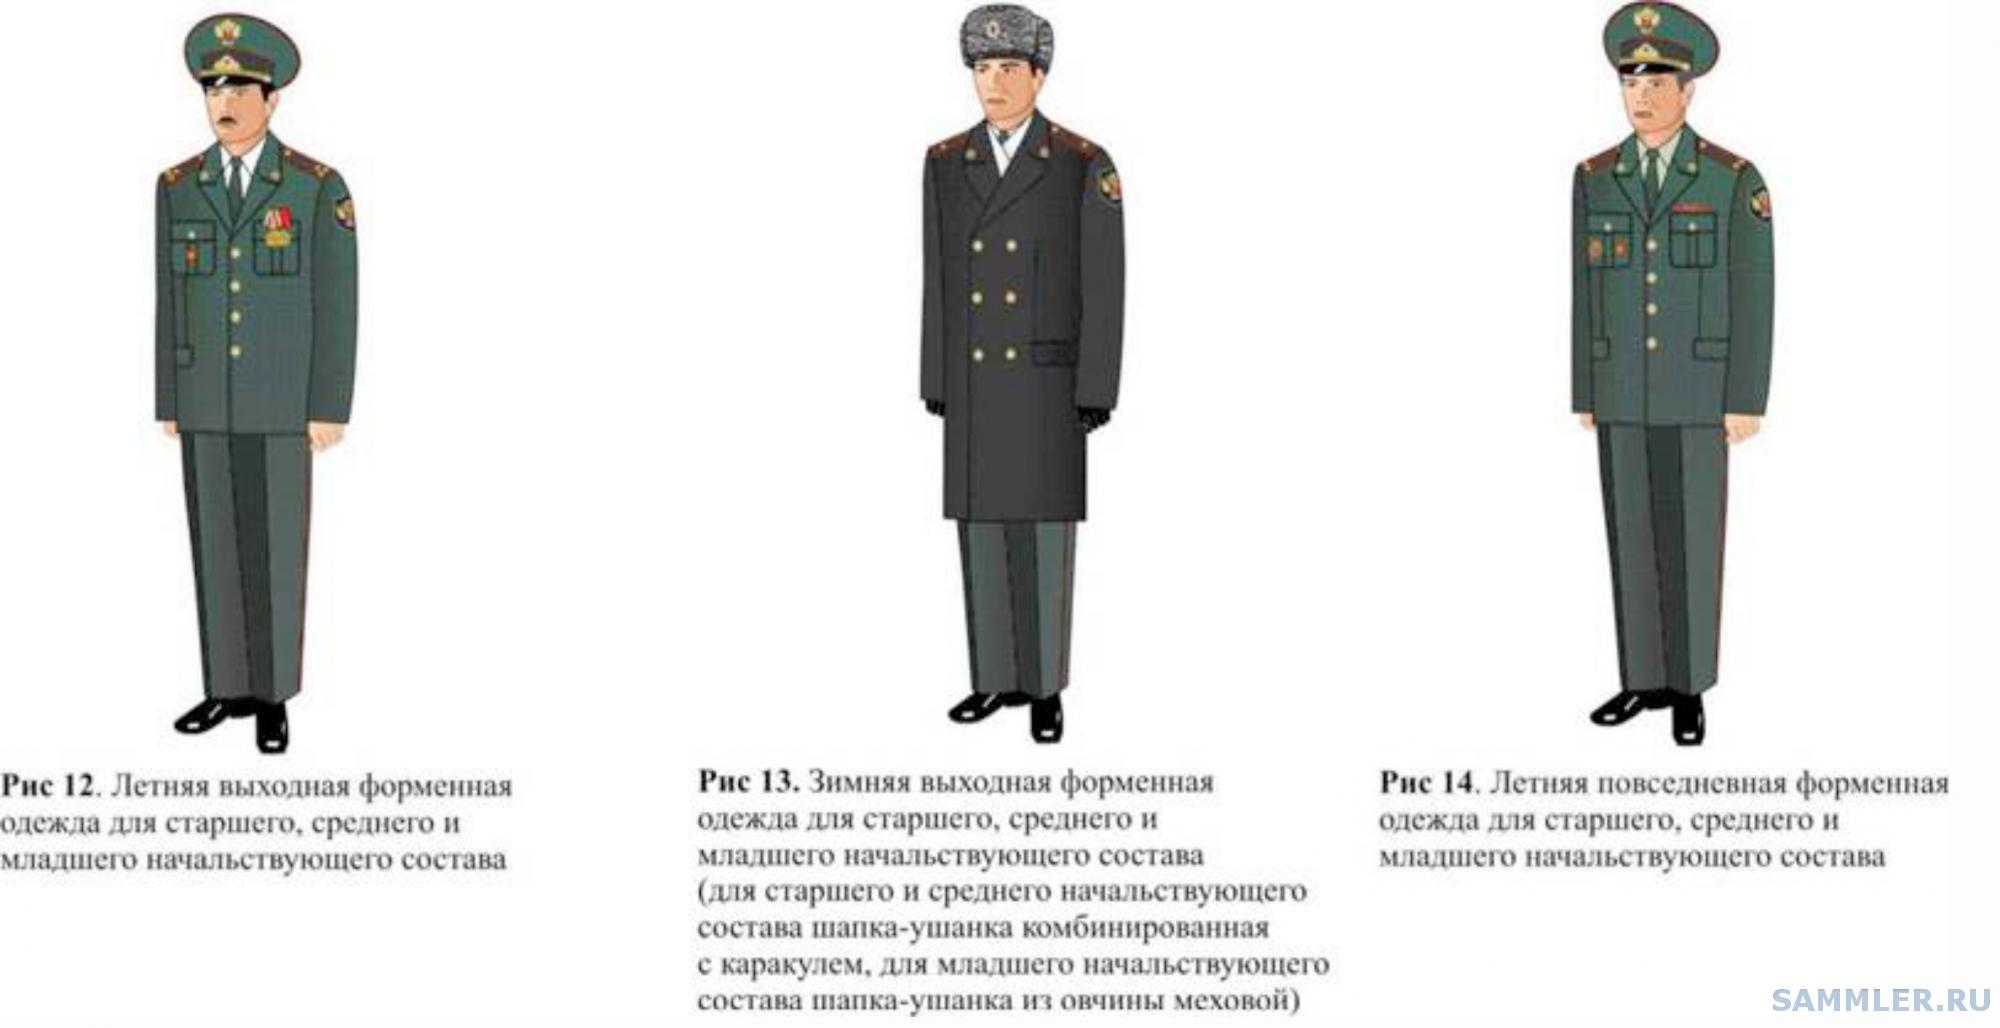 Форменная одежда сотрудников-12.jpg